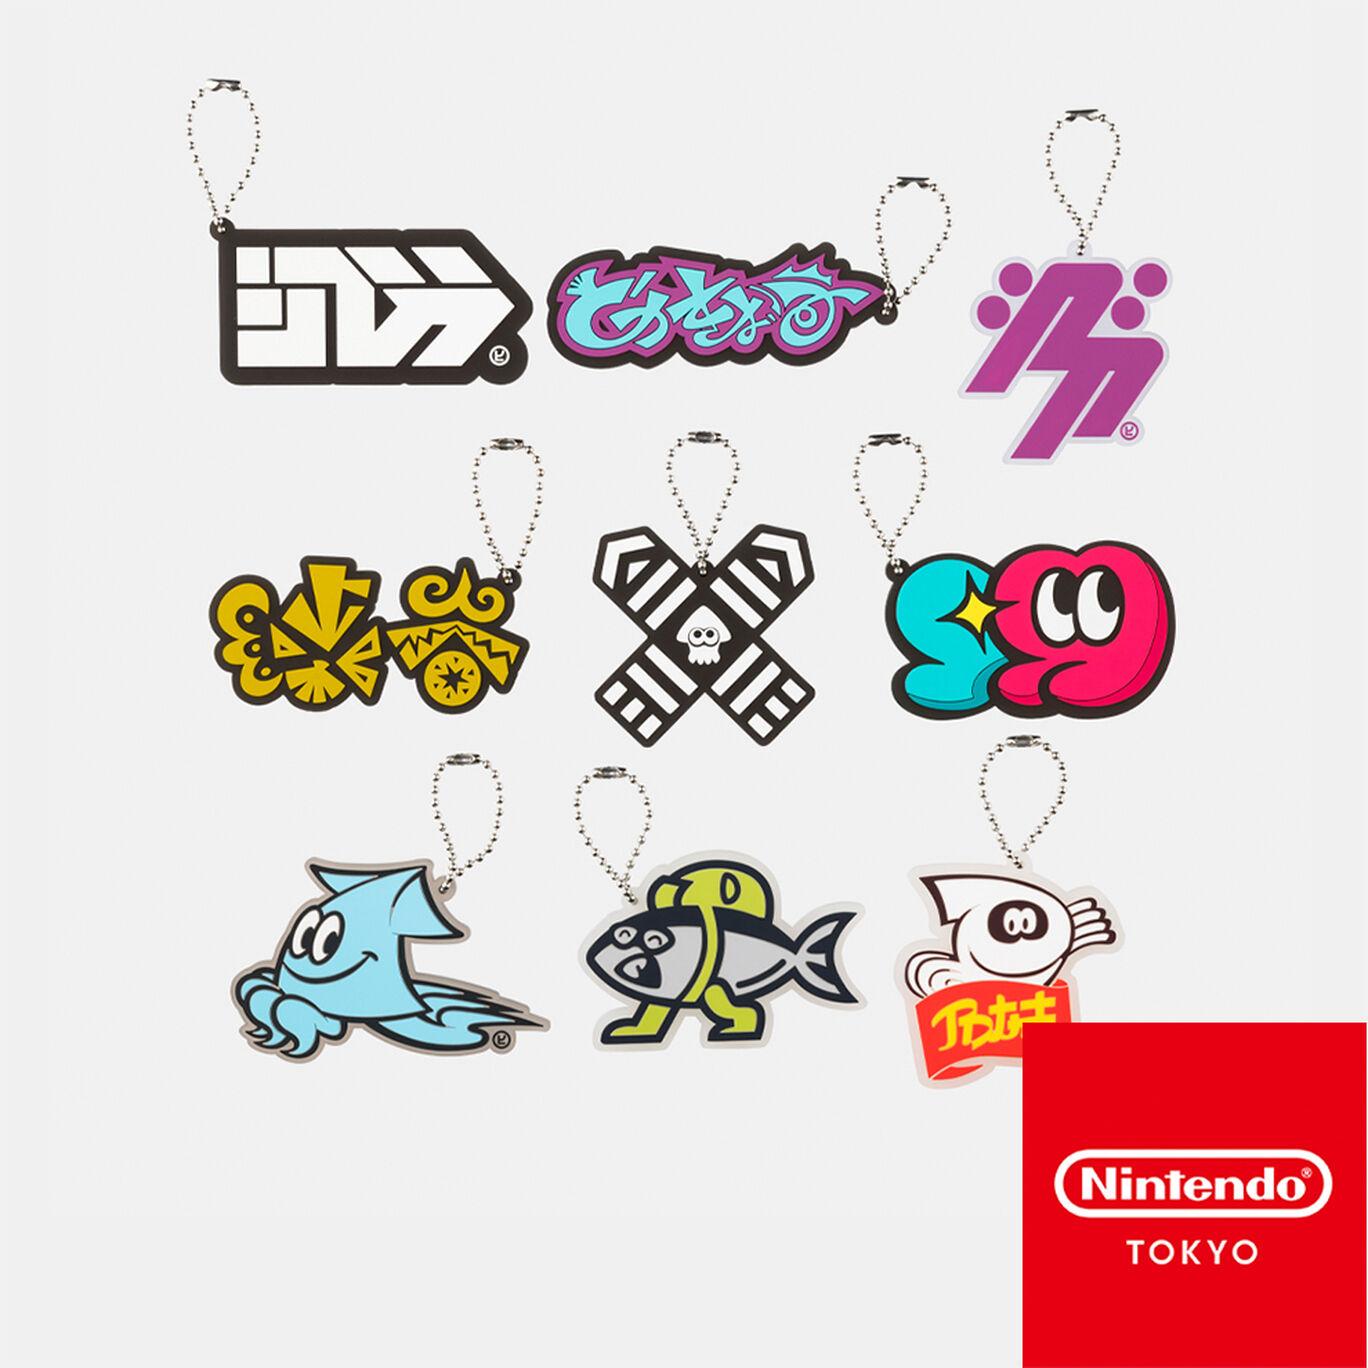 【単品】ラバーキーホルダーコレクション CROSSING SPLATOON【Nintendo TOKYO取り扱い商品】